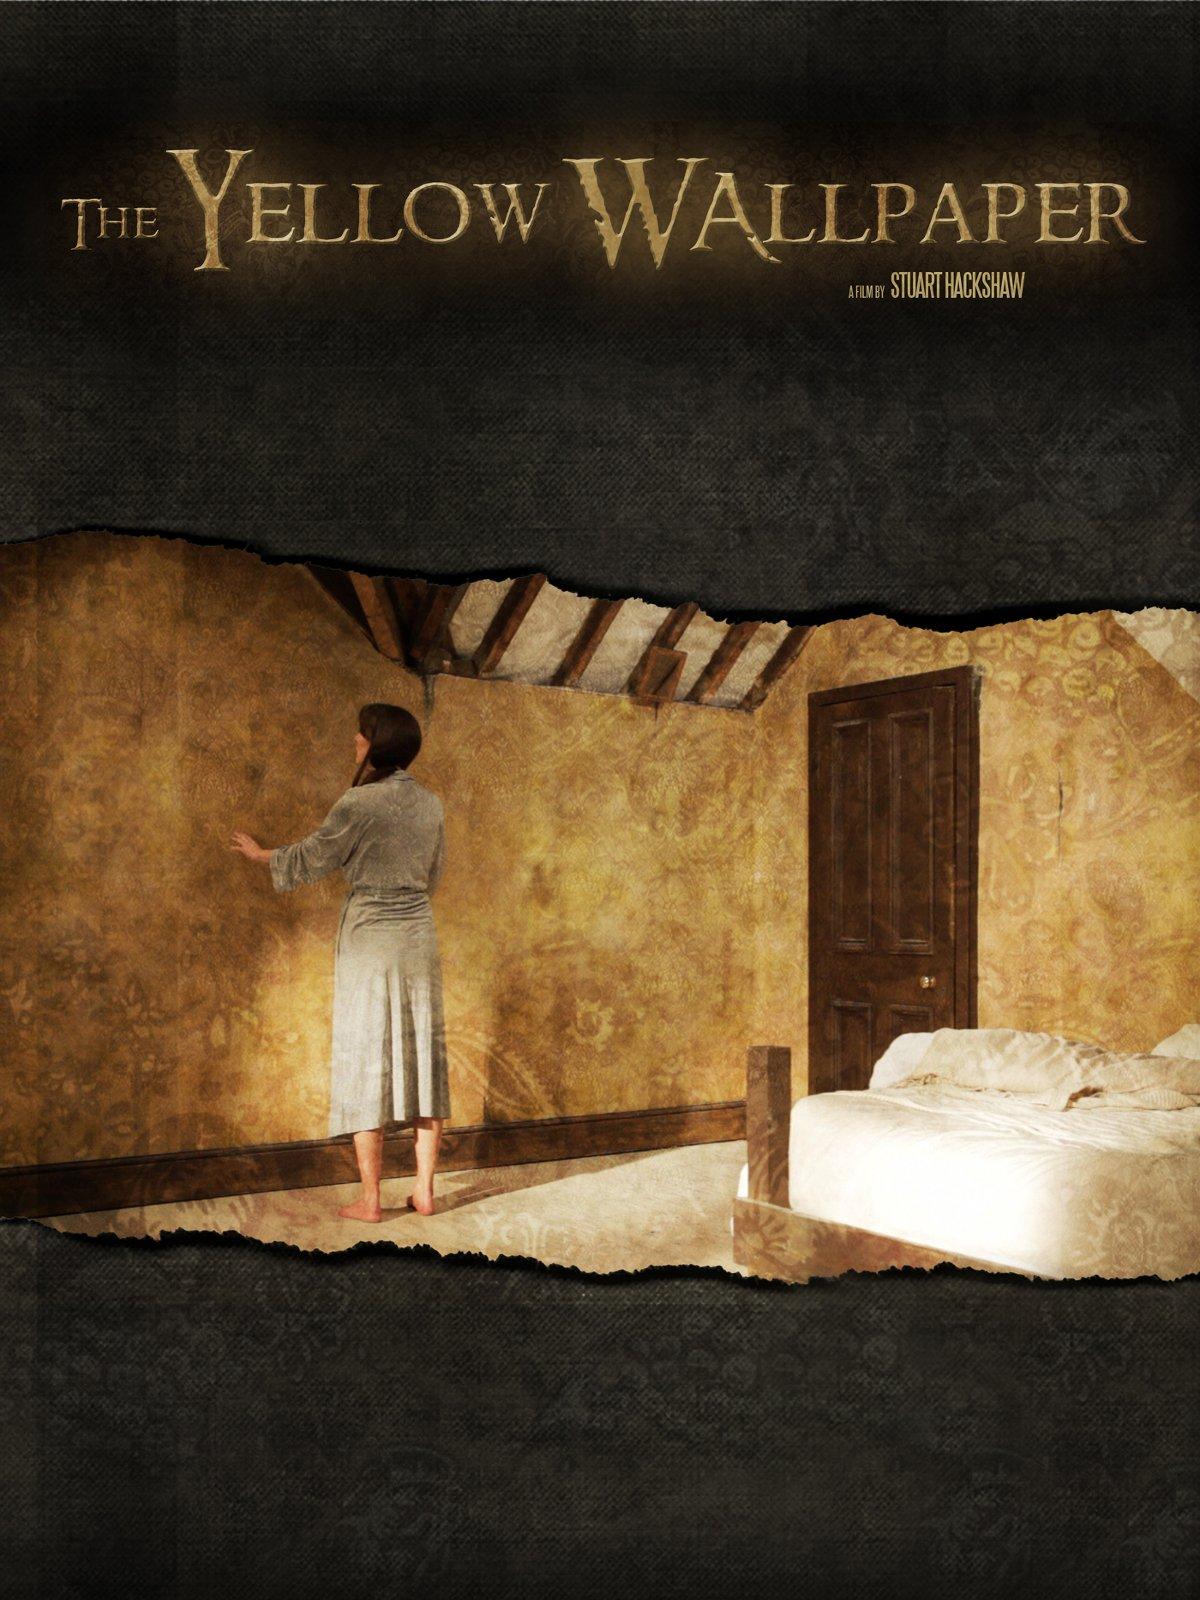 Amazon The Yellow Wallpaper Alex Childs Richard Brimble b